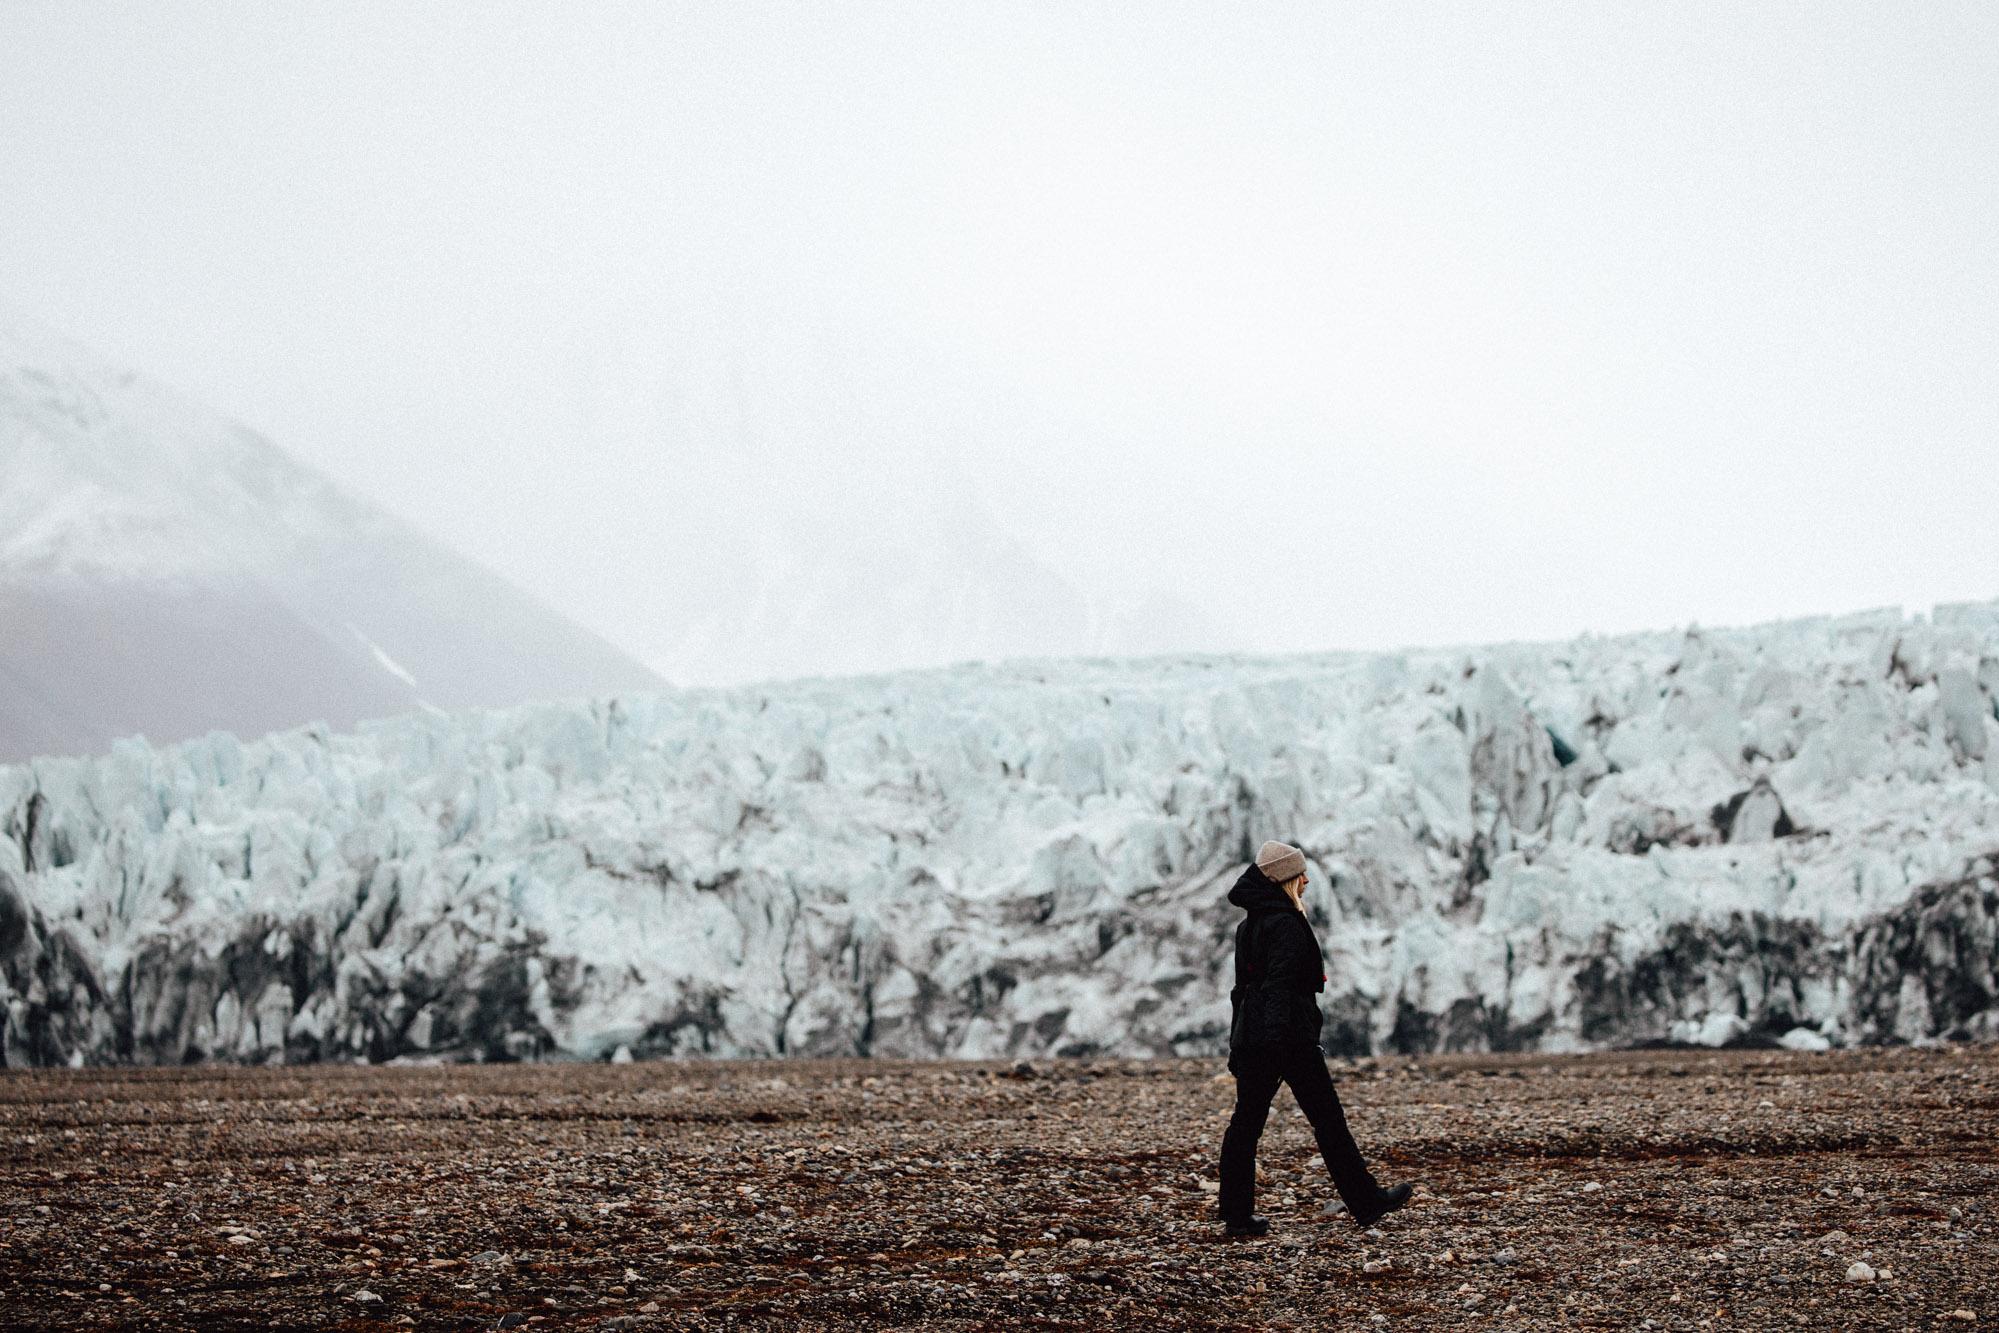 Glaciers in Svalbard, Norway